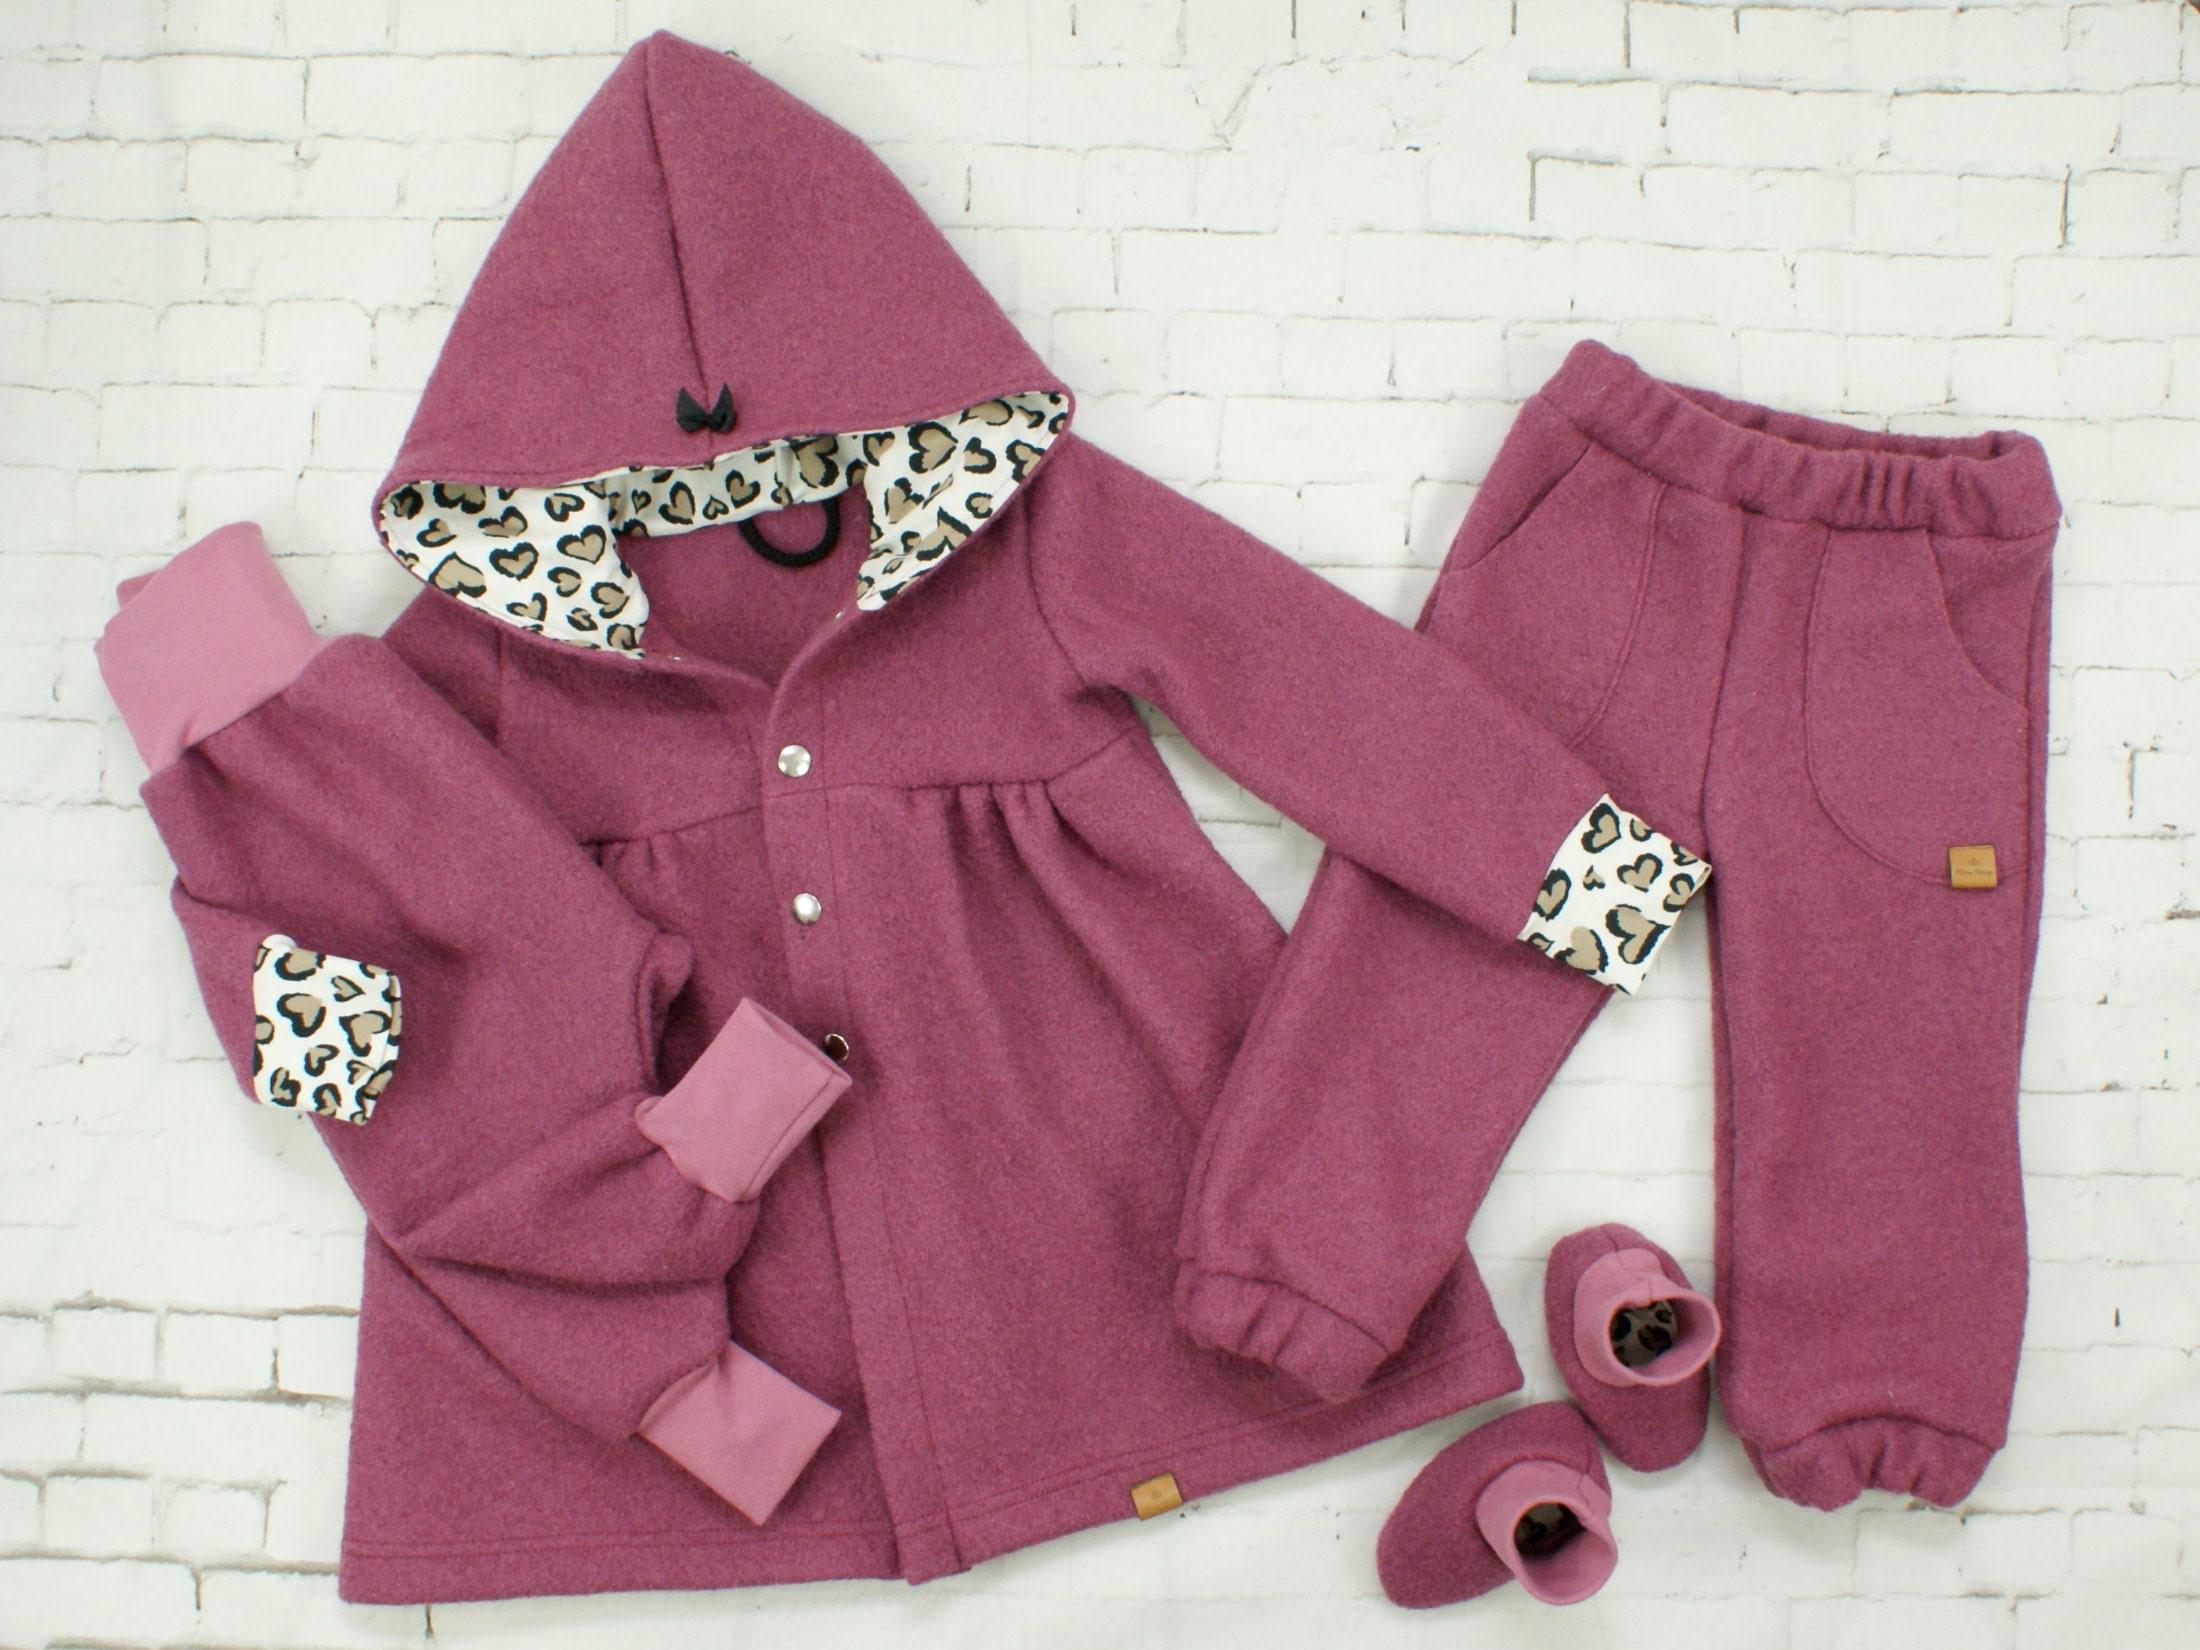 Kinderhose aus Wollwalk in Altrosa mit Gummizug und Taschen